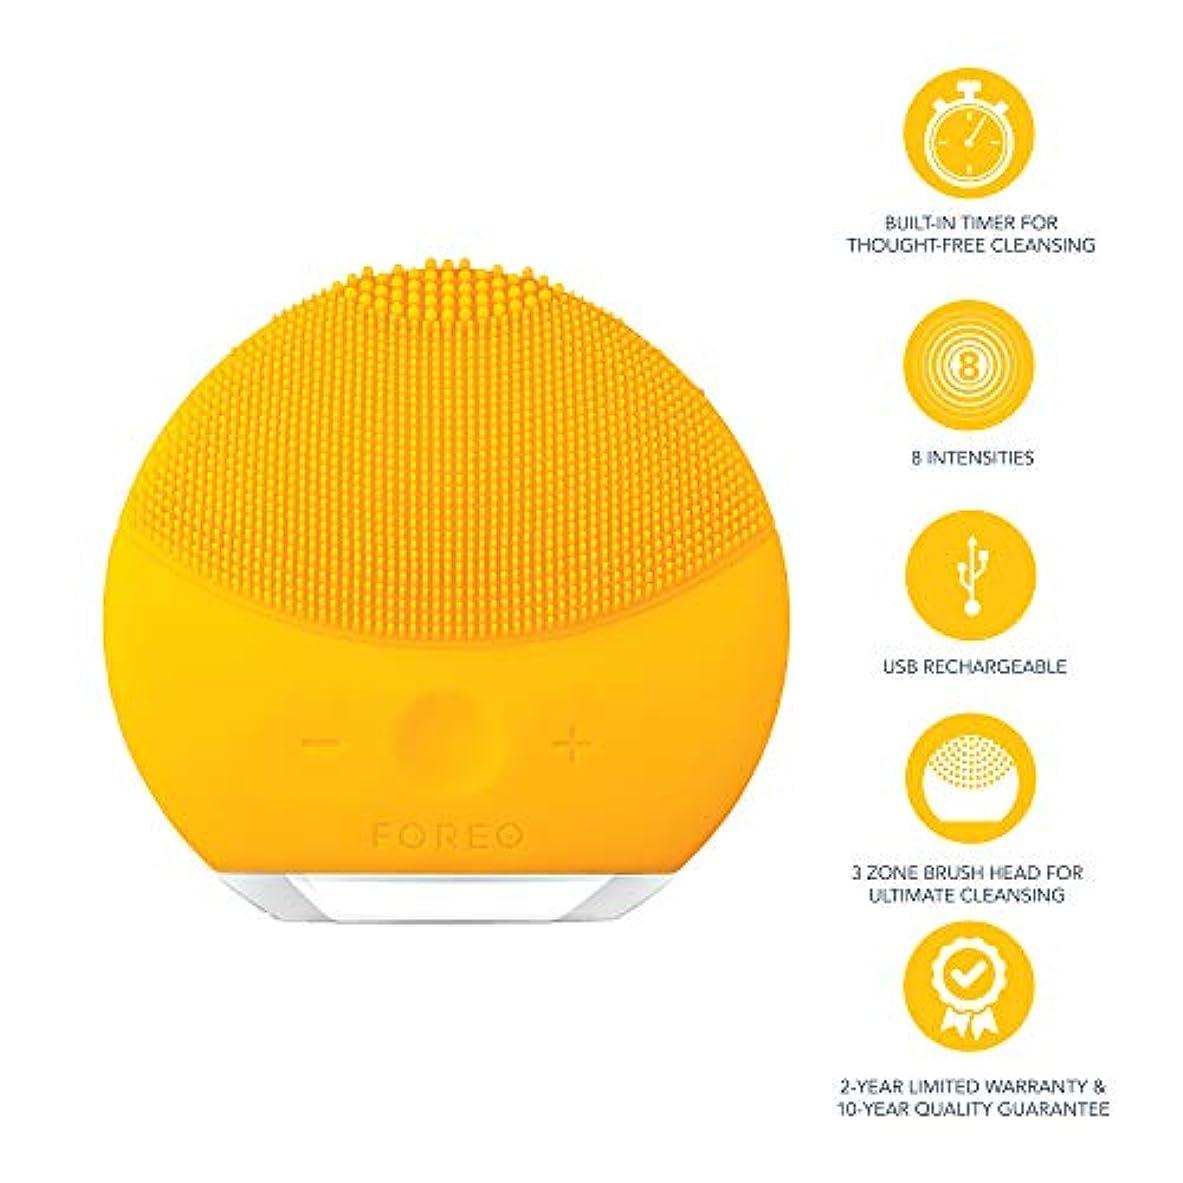 レーニン主義スチュワーデスチャペルFOREO LUNA mini 2 サンフラワーイエロー 電動洗顔ブラシ シリコーン製 音波振動